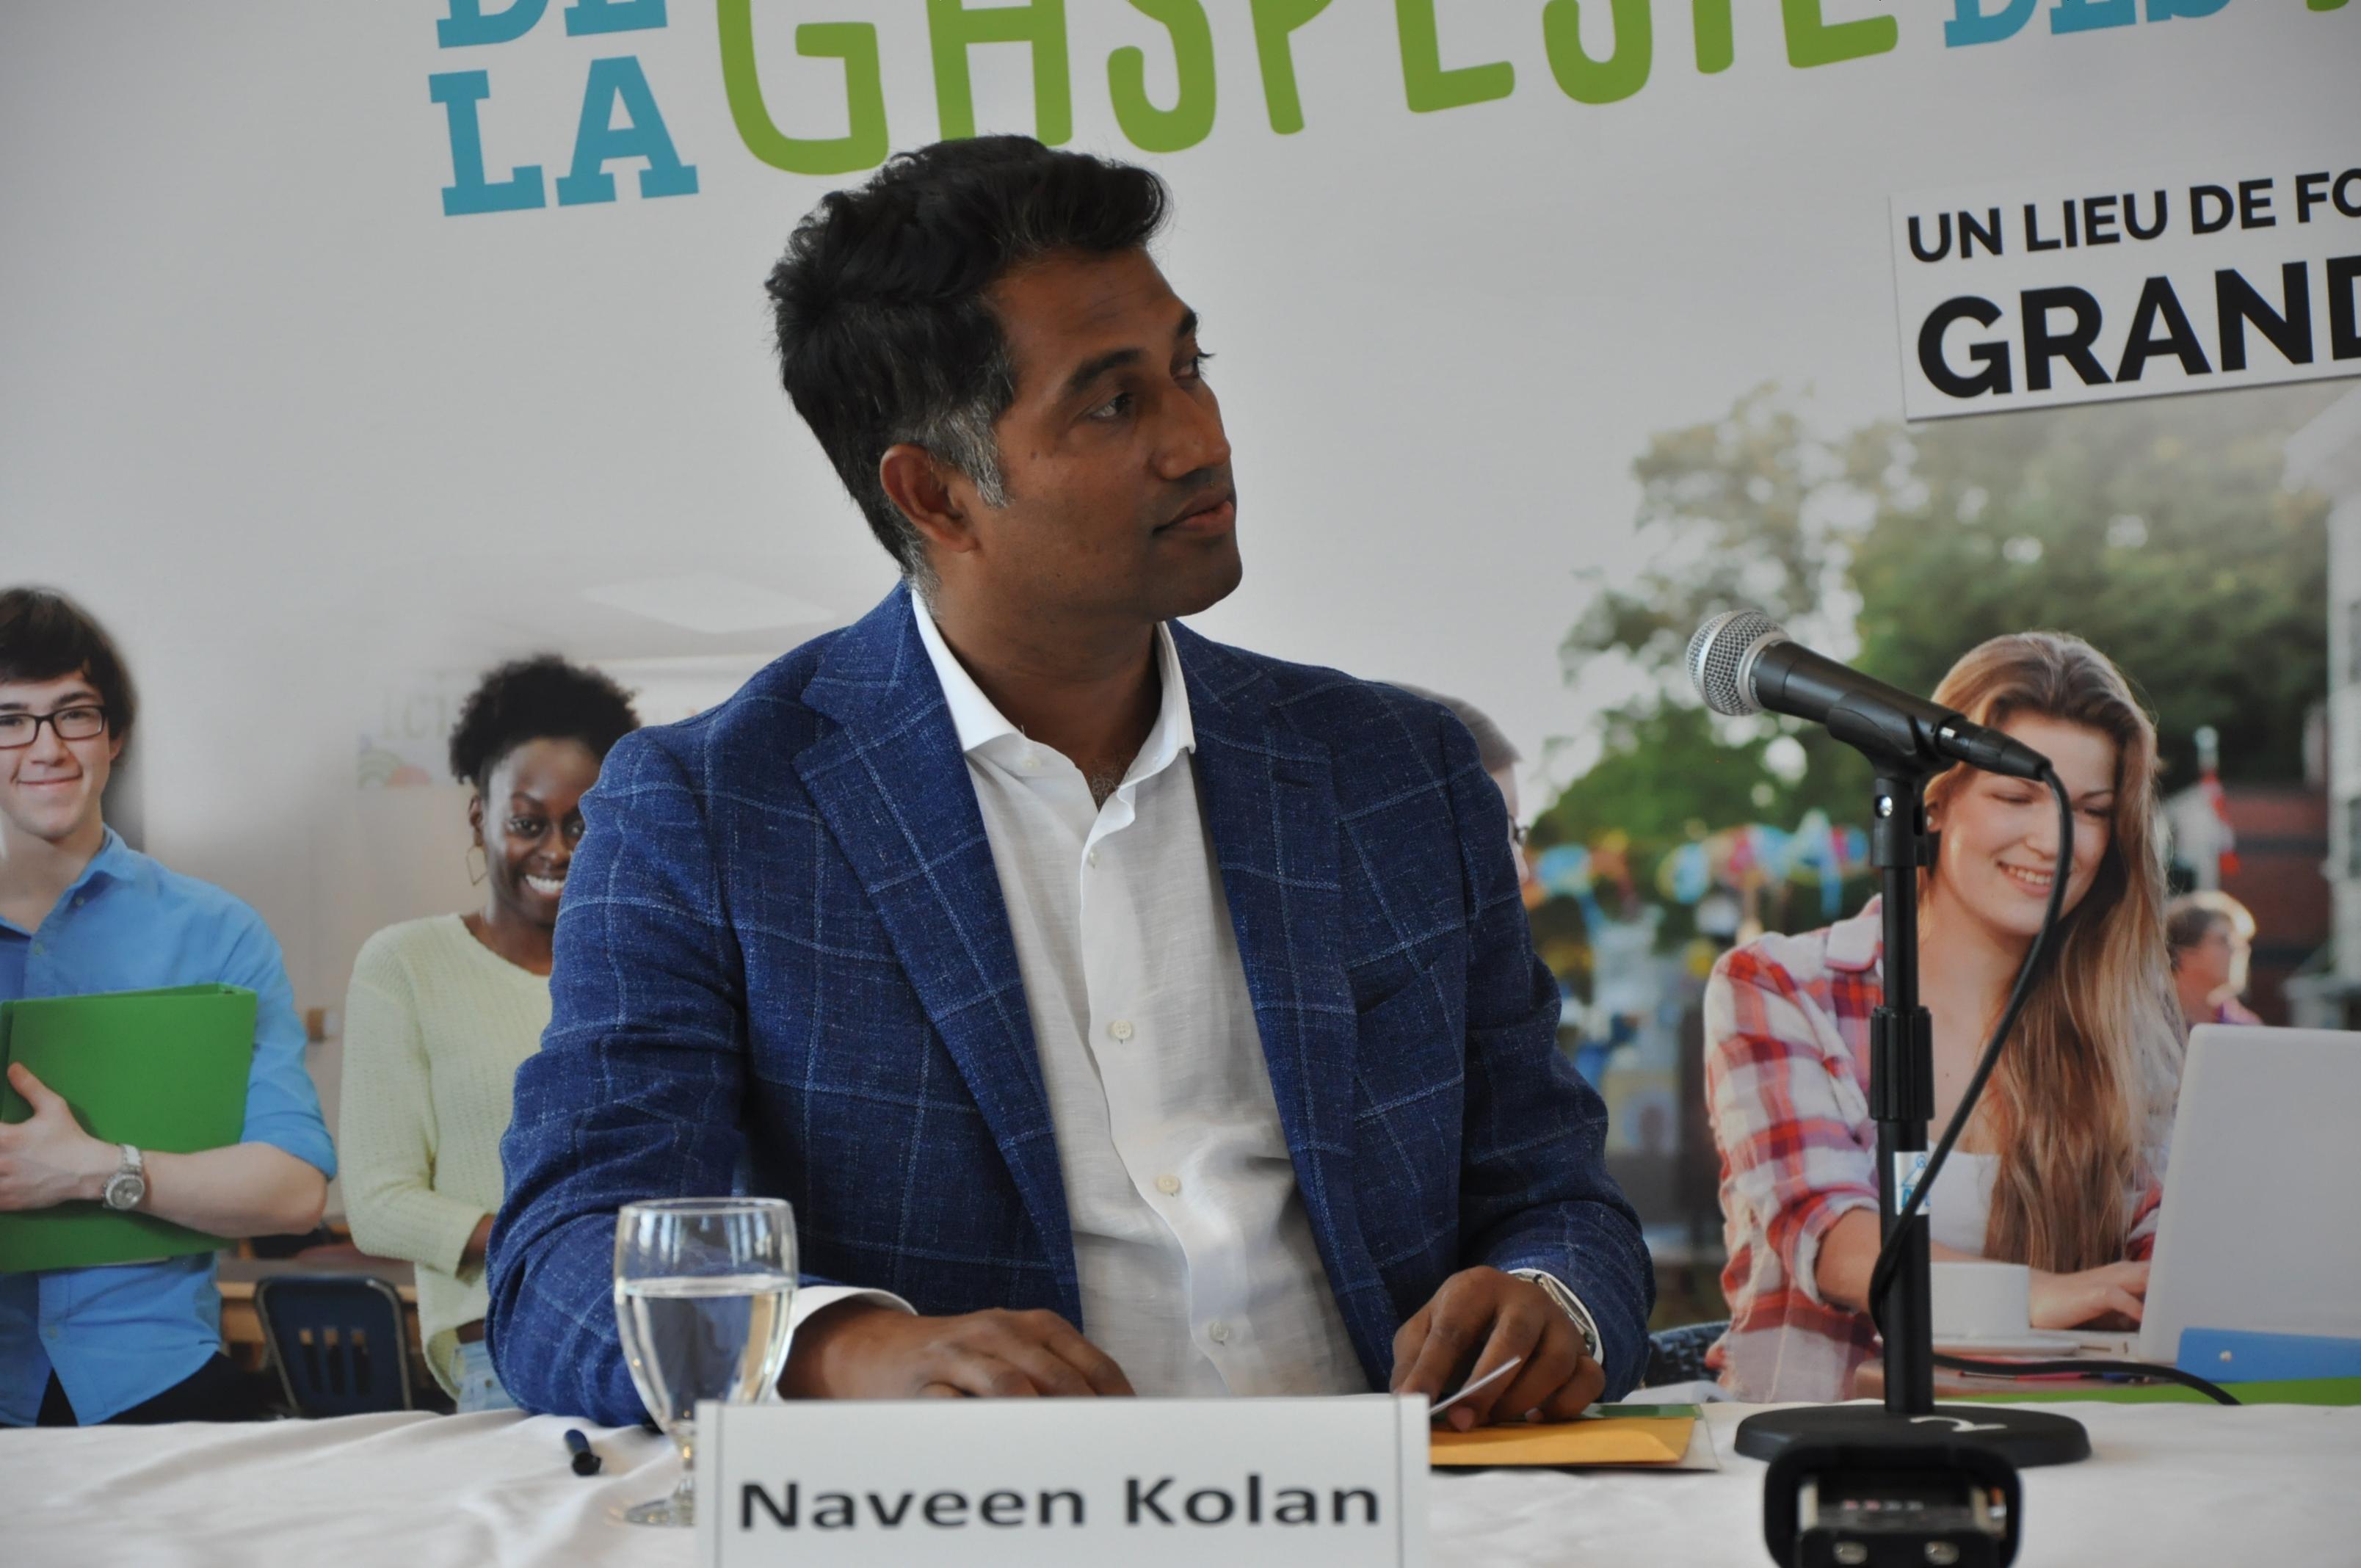 Naveen Kolan